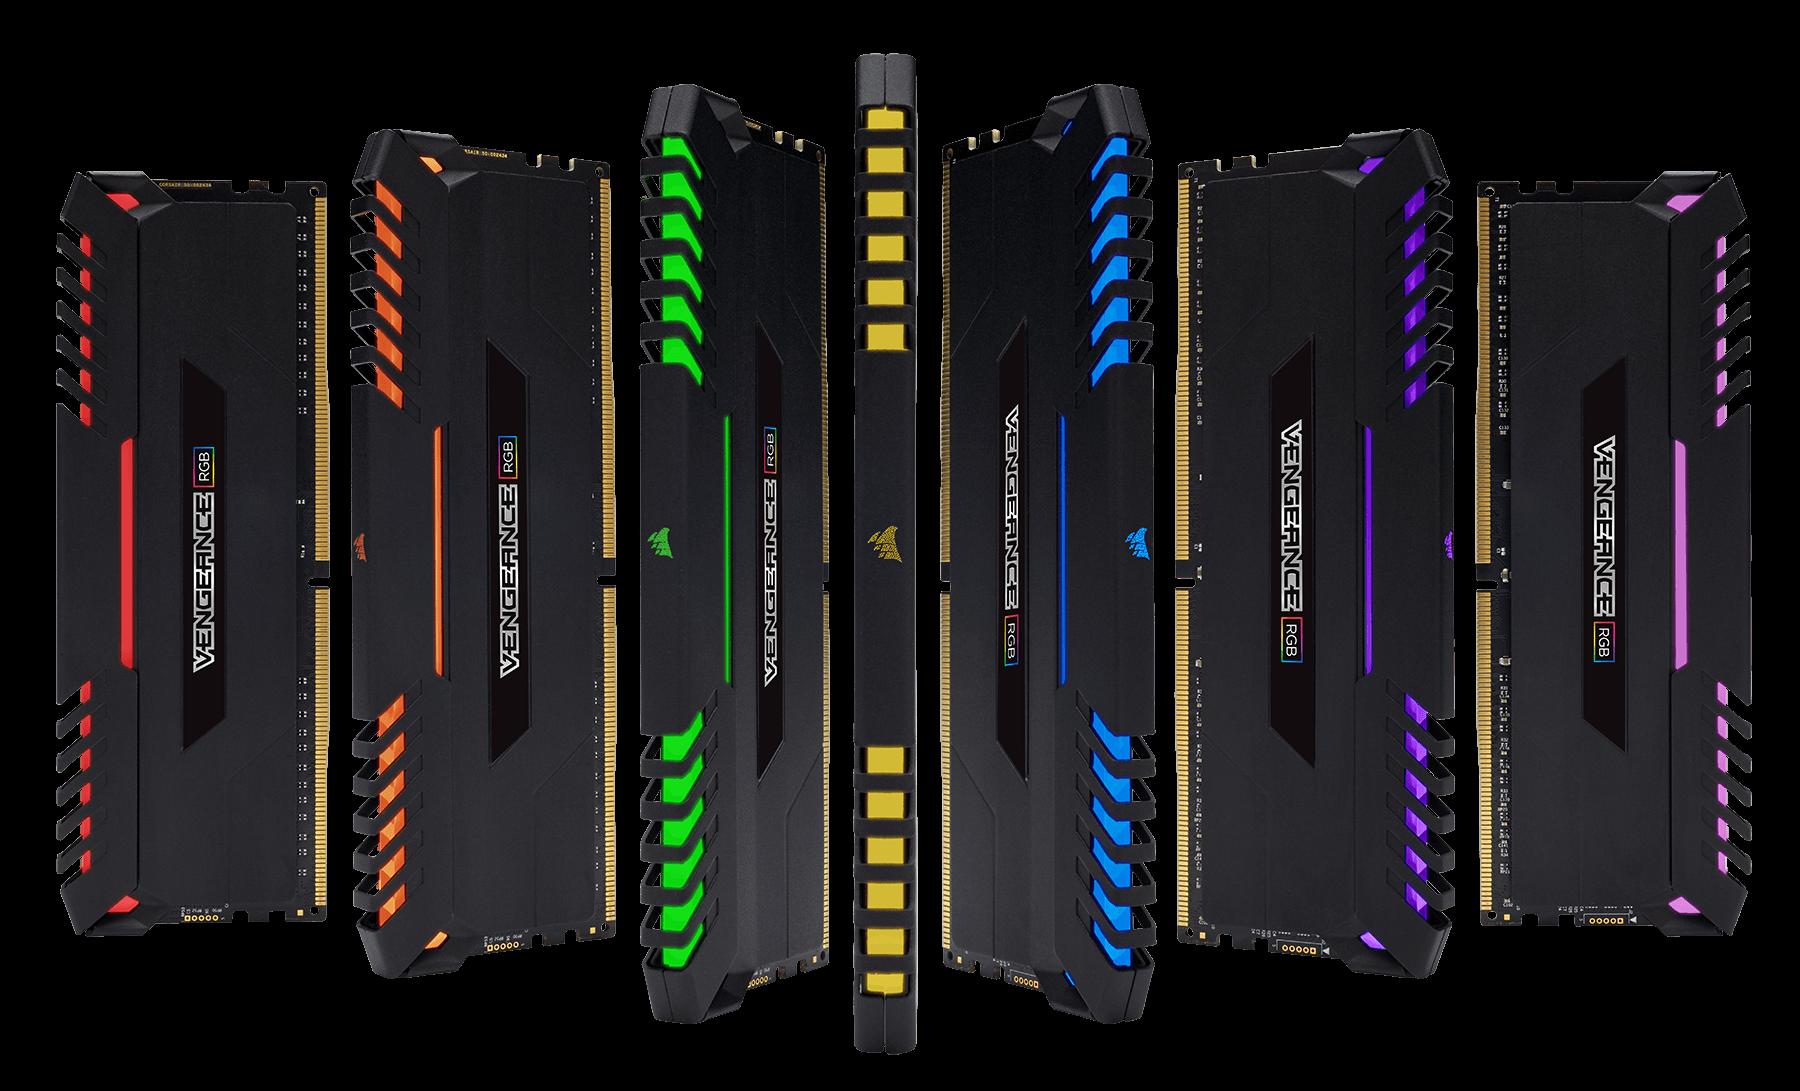 CORSAIR VENGEANCE RGB 16GB(2X8GB) DDR4 BUS 3000 CAS 15